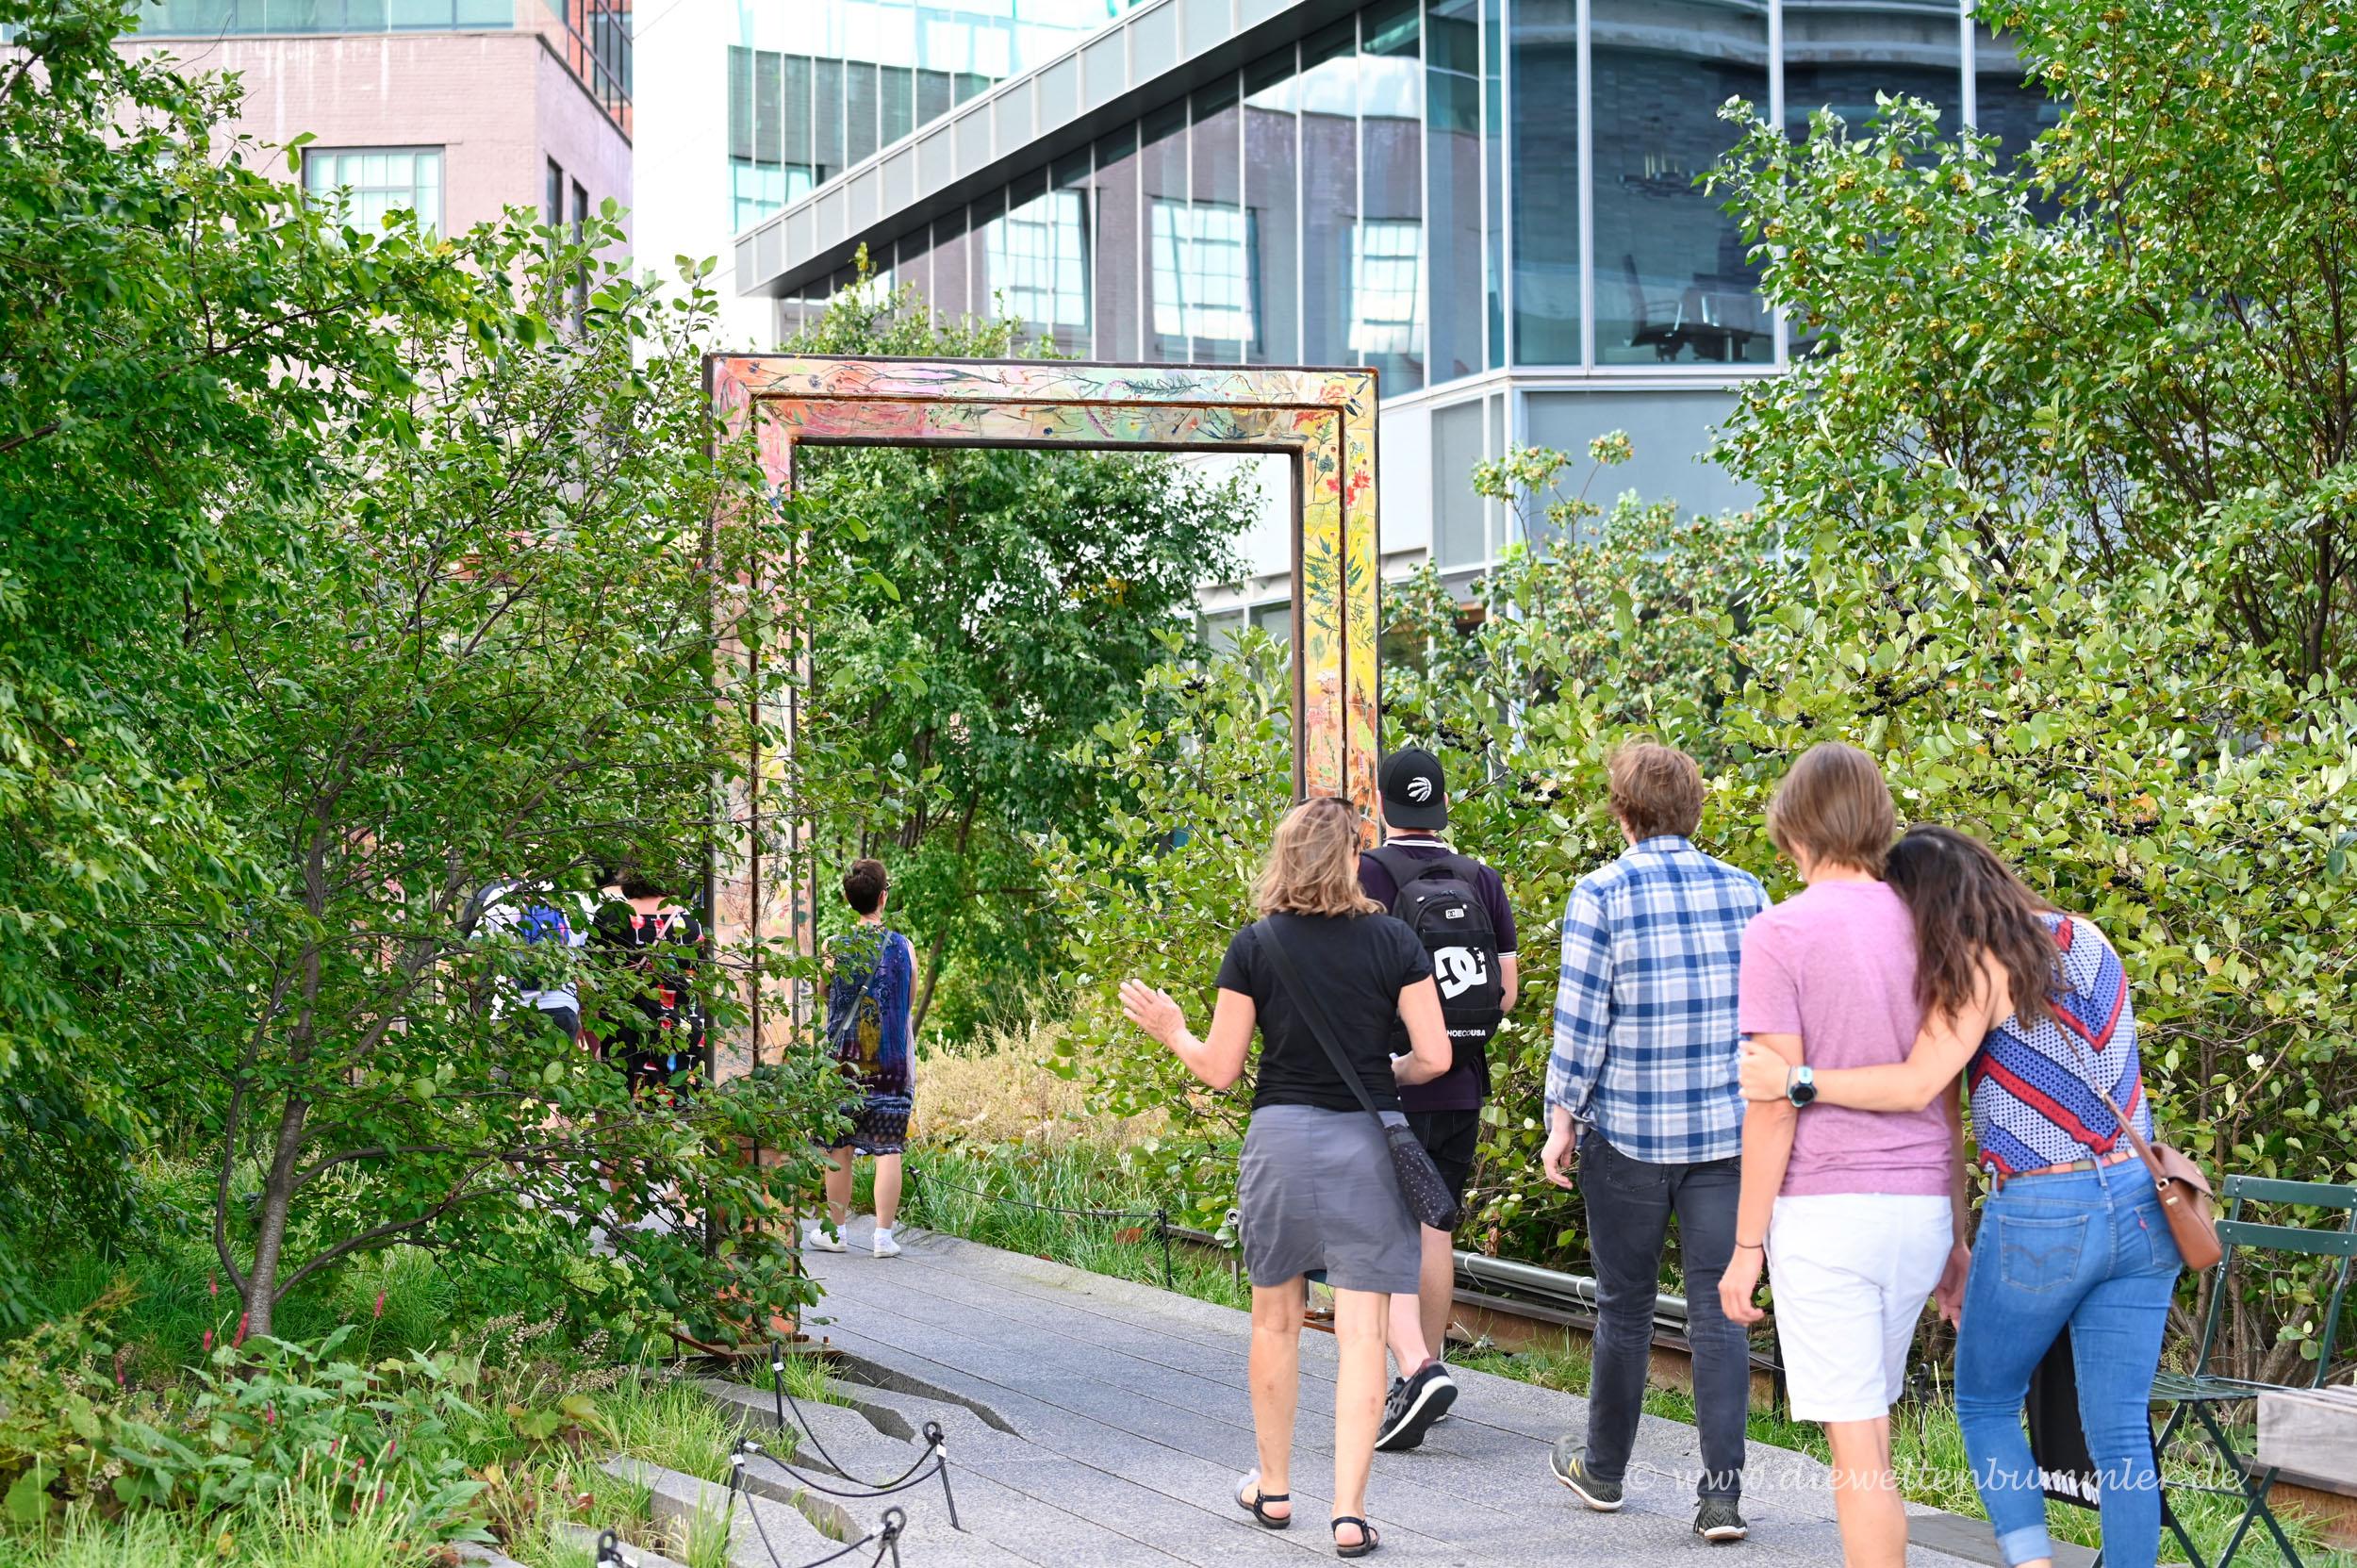 Spazieren auf der Highline